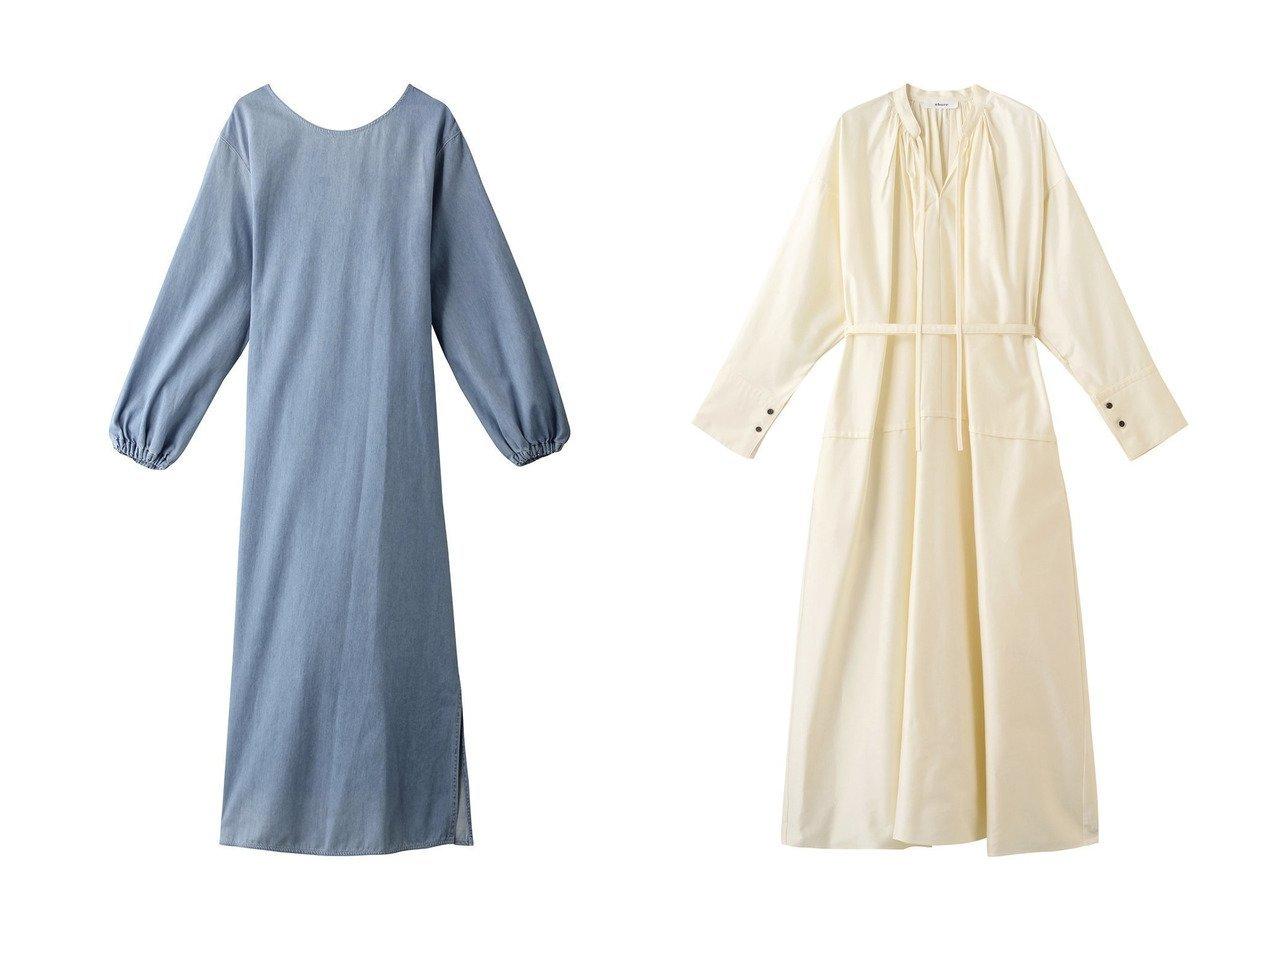 【KALNA/カルナ】のデニムワンピース&【ebure/エブール】のハイカウントコットンサテン ウエストマークワンピース 【ワンピース・ドレス】おすすめ!人気、トレンド・レディースファッションの通販 おすすめで人気の流行・トレンド、ファッションの通販商品 インテリア・家具・メンズファッション・キッズファッション・レディースファッション・服の通販 founy(ファニー) https://founy.com/ ファッション Fashion レディースファッション WOMEN ワンピース Dress チュニック Tunic 2020年 2020 2020-2021秋冬・A/W AW・Autumn/Winter・FW・Fall-Winter/2020-2021 2021年 2021 2021-2022秋冬・A/W AW・Autumn/Winter・FW・Fall-Winter・2021-2022 A/W・秋冬 AW・Autumn/Winter・FW・Fall-Winter チュニック デニム パーティ マキシ リボン ロング |ID:crp329100000062674